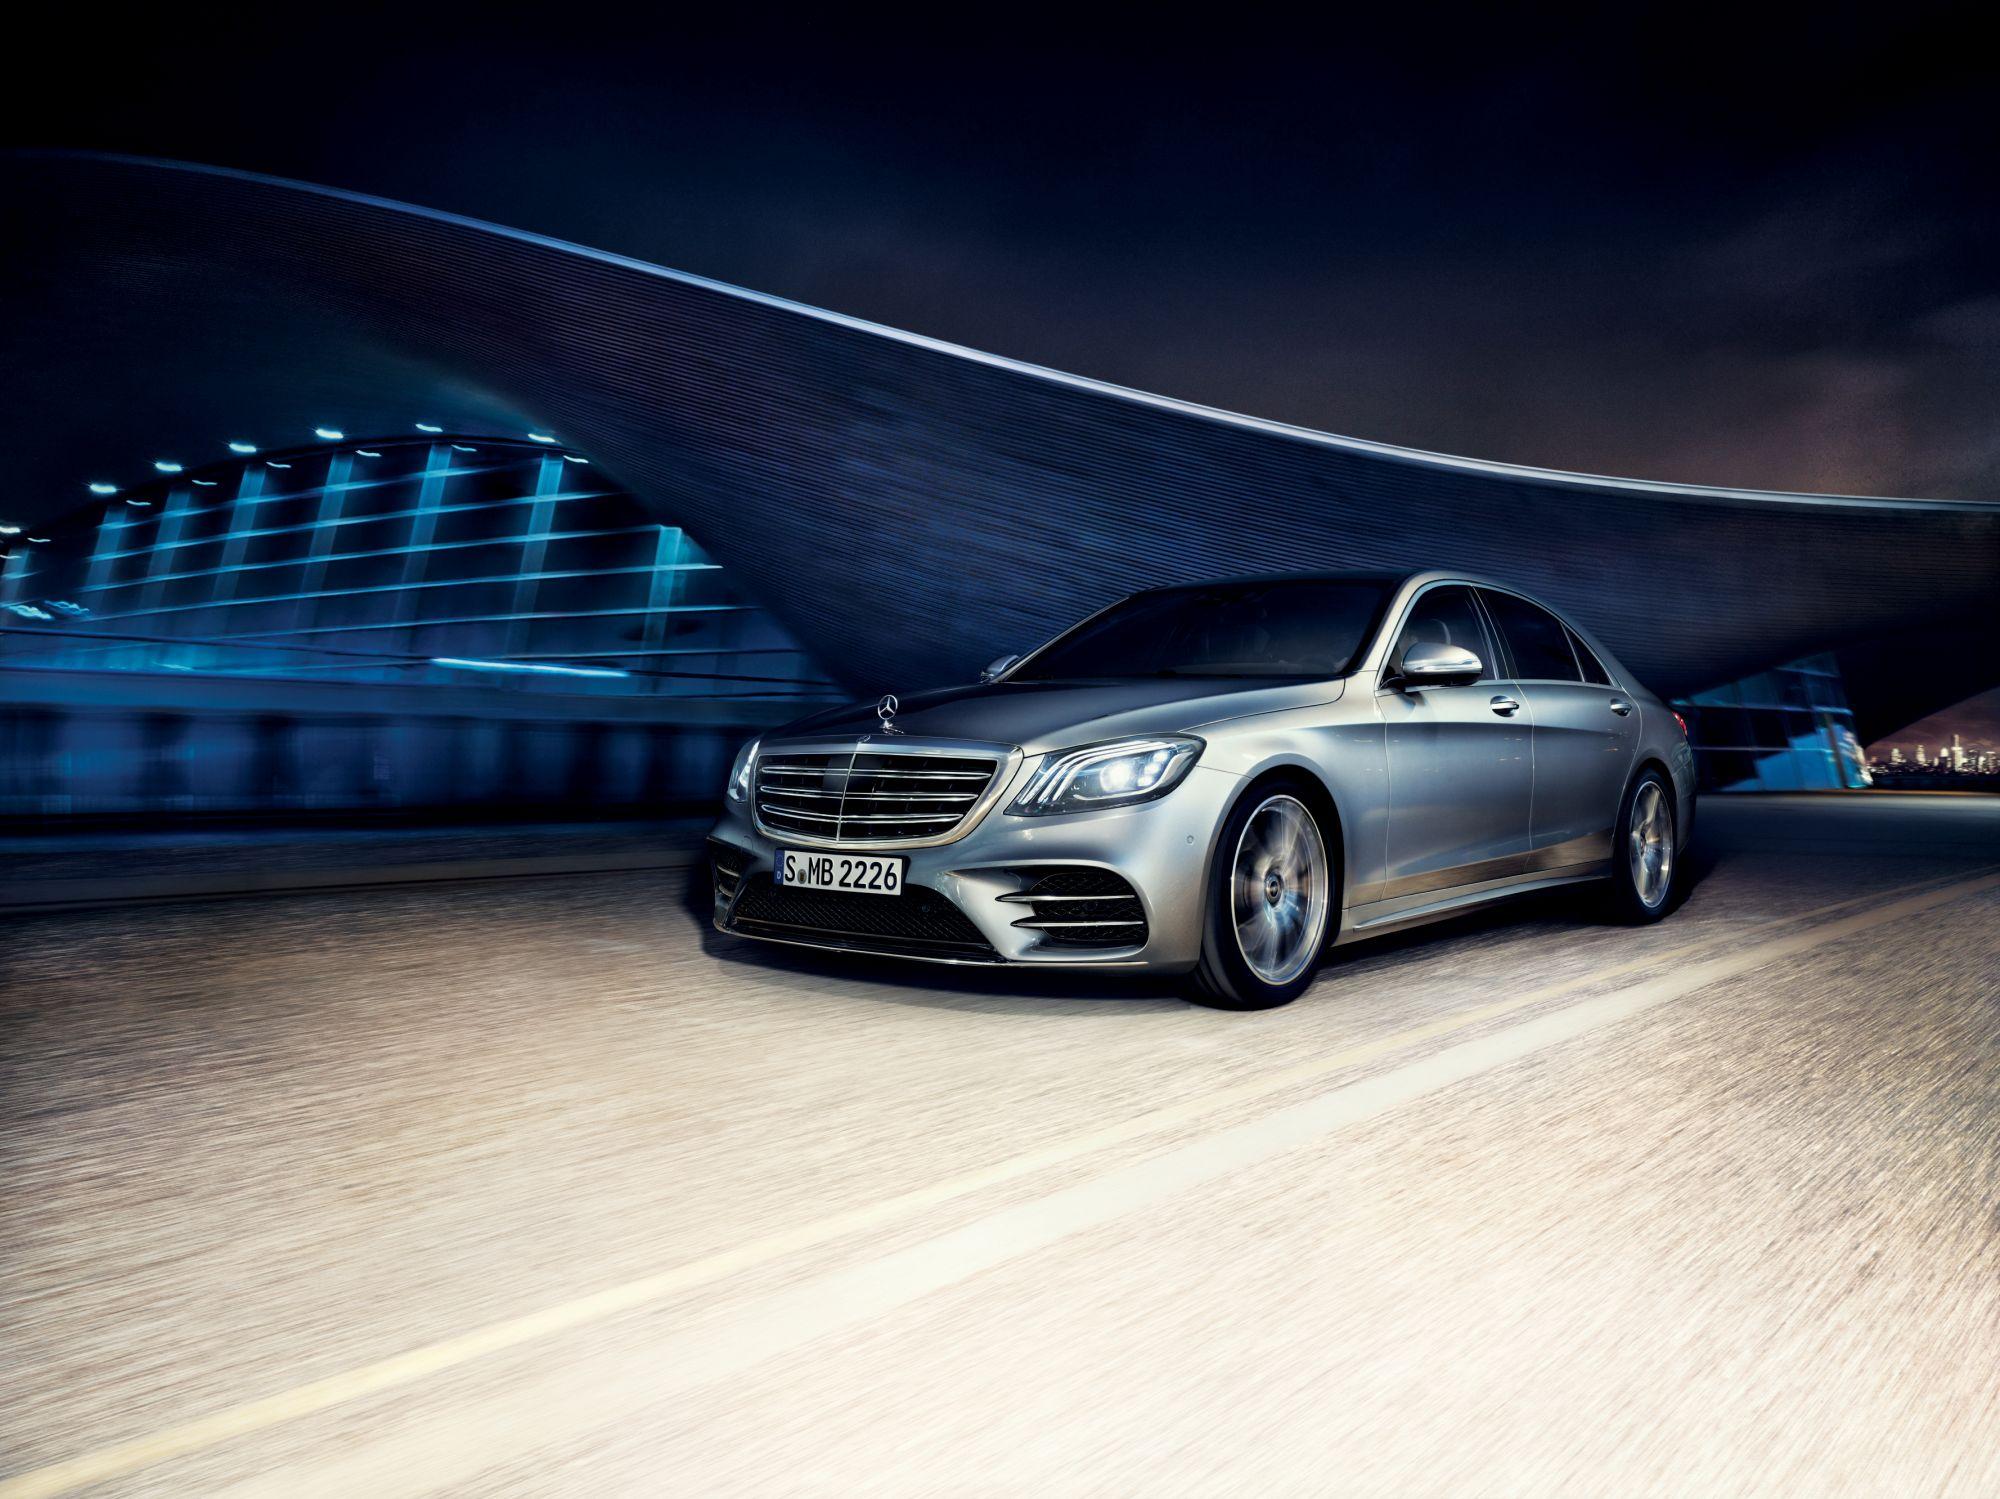 True Grit: The 2018 Mercedes Benz S-Class